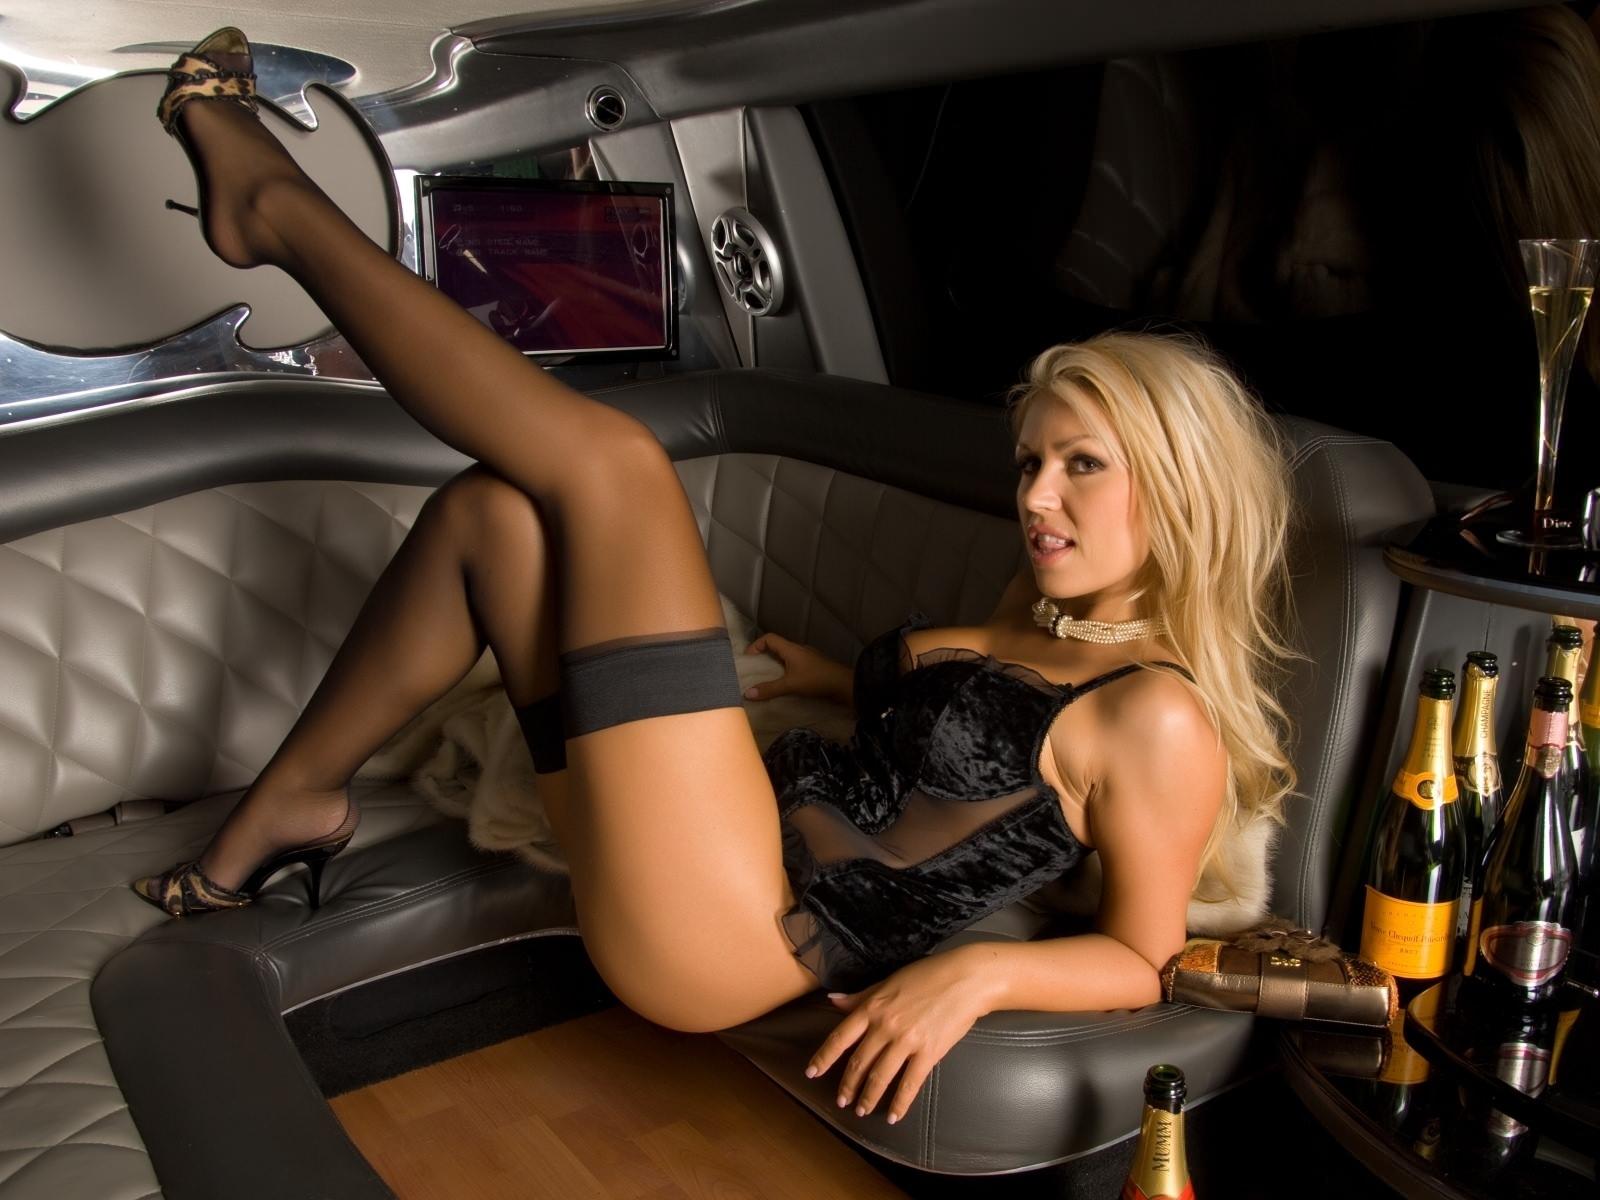 Фото Сексуальная блондинка в роскошном автомобиле с выпивкой и круглым диваном, ножки в чулках, черная ночнушка, соблазн, шампанское. Sexual blonde in the car, sexy legs in black stockings, sexy thighs, black corset, sexy body, alcohol, posing, скачать картинку бесплатно